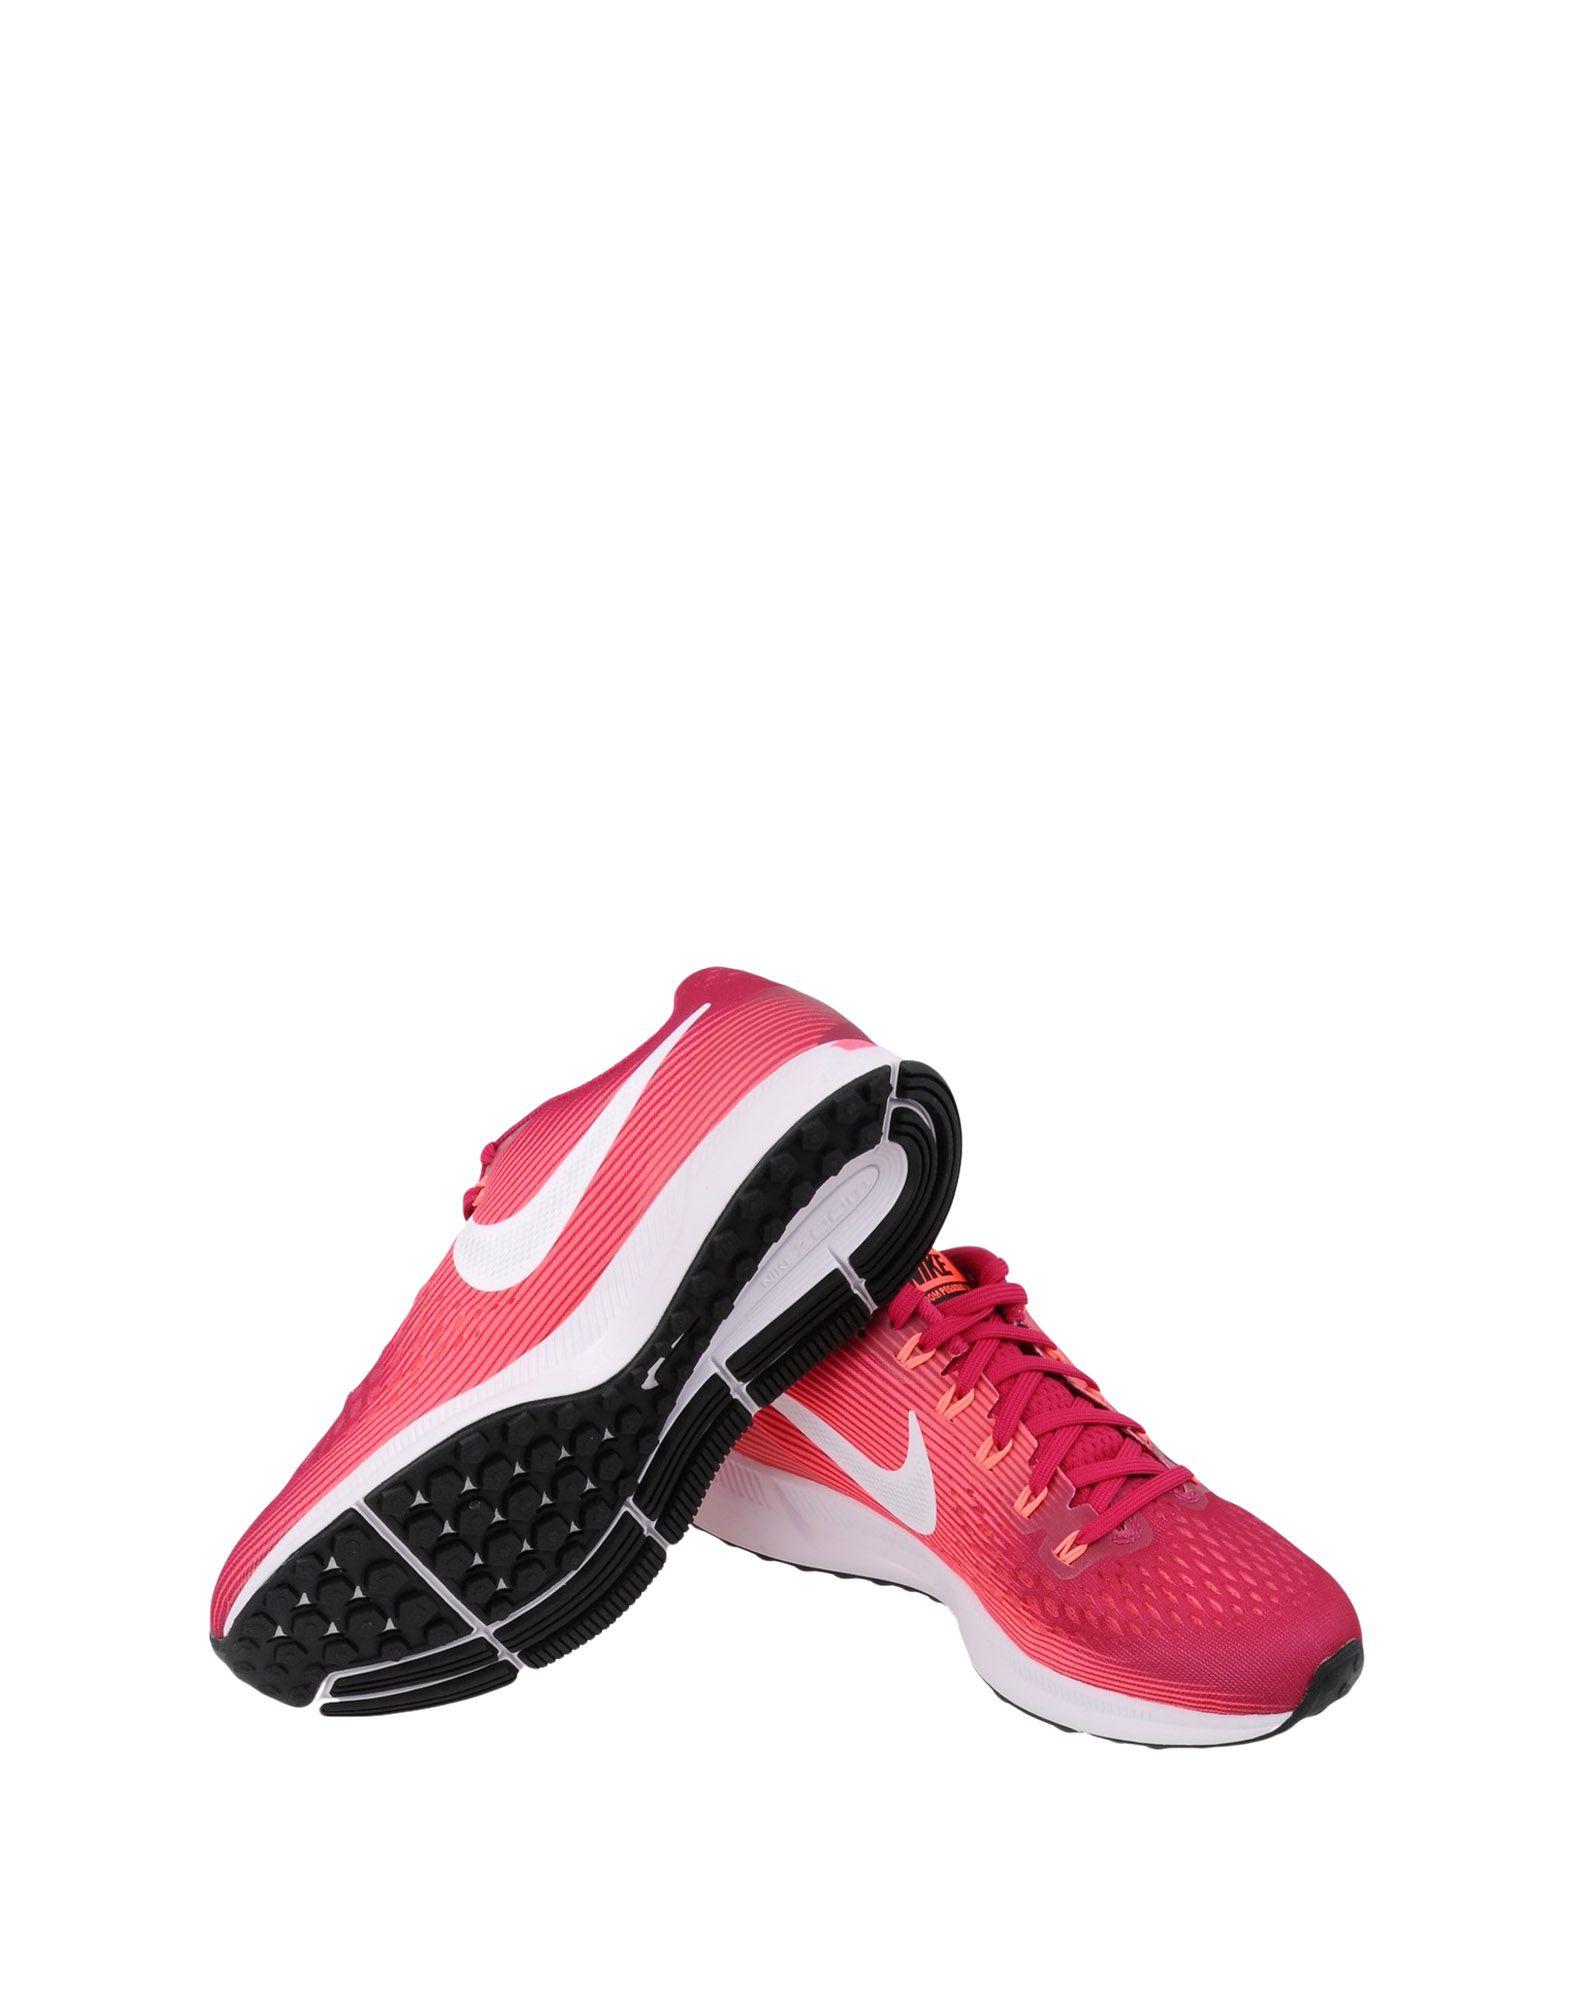 Sneakers Nike  Air Zoom Pegasus 34 - Femme - Sneakers Nike sur